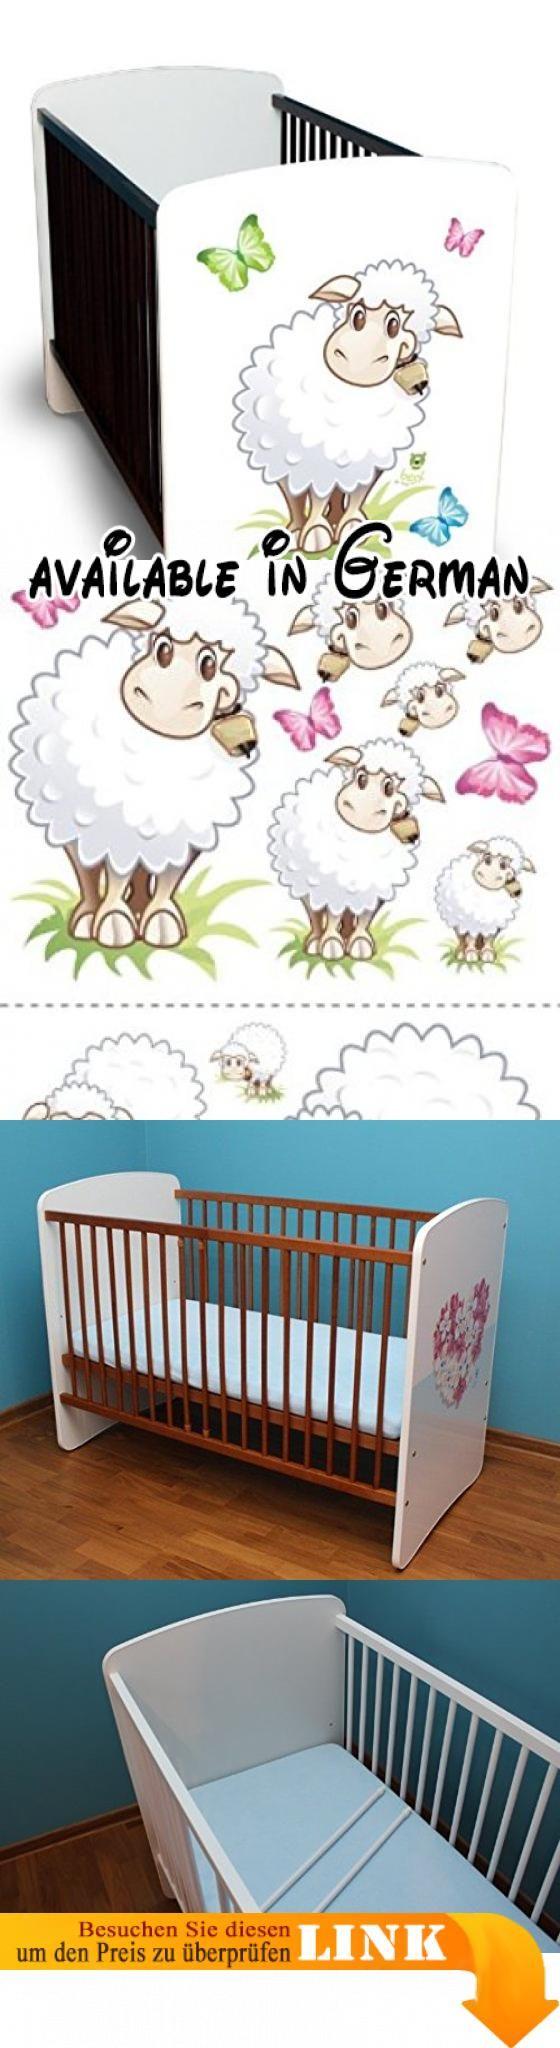 Die besten 25+ Kinderbett ohne gitter Ideen auf Pinterest ...